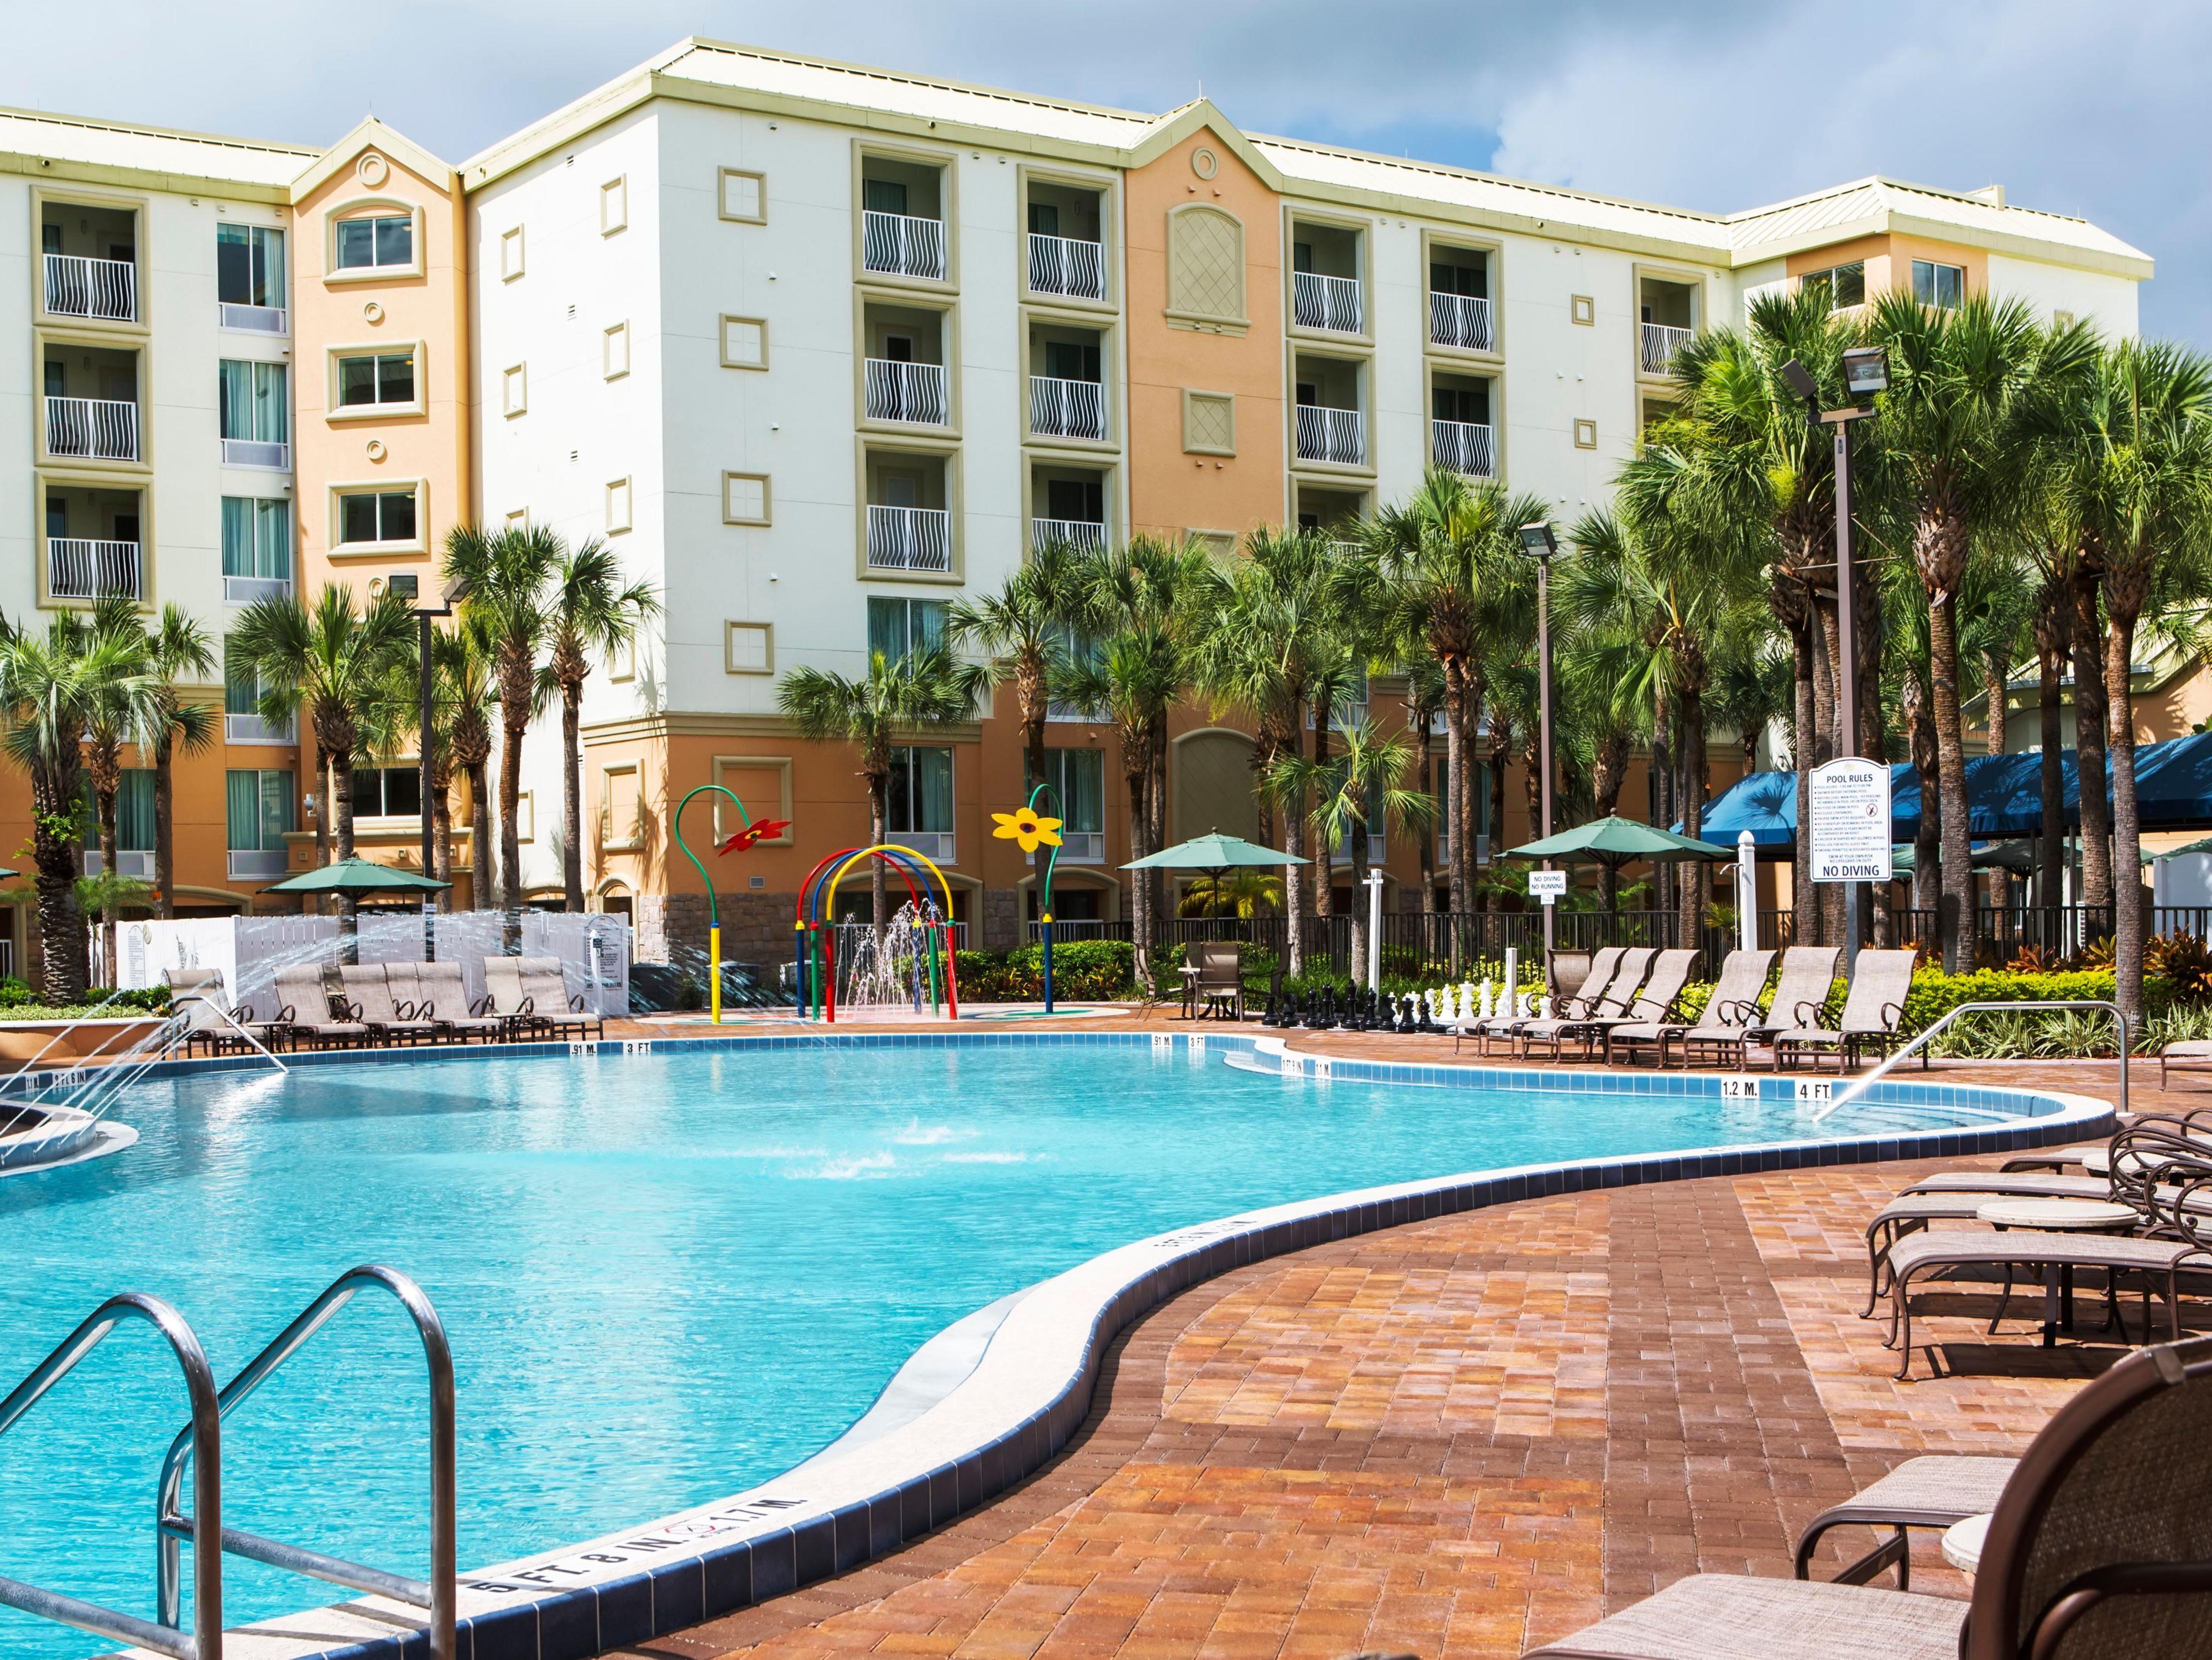 Holiday Inn Resort OrlandoLake Buena Vista Hotel by IHG